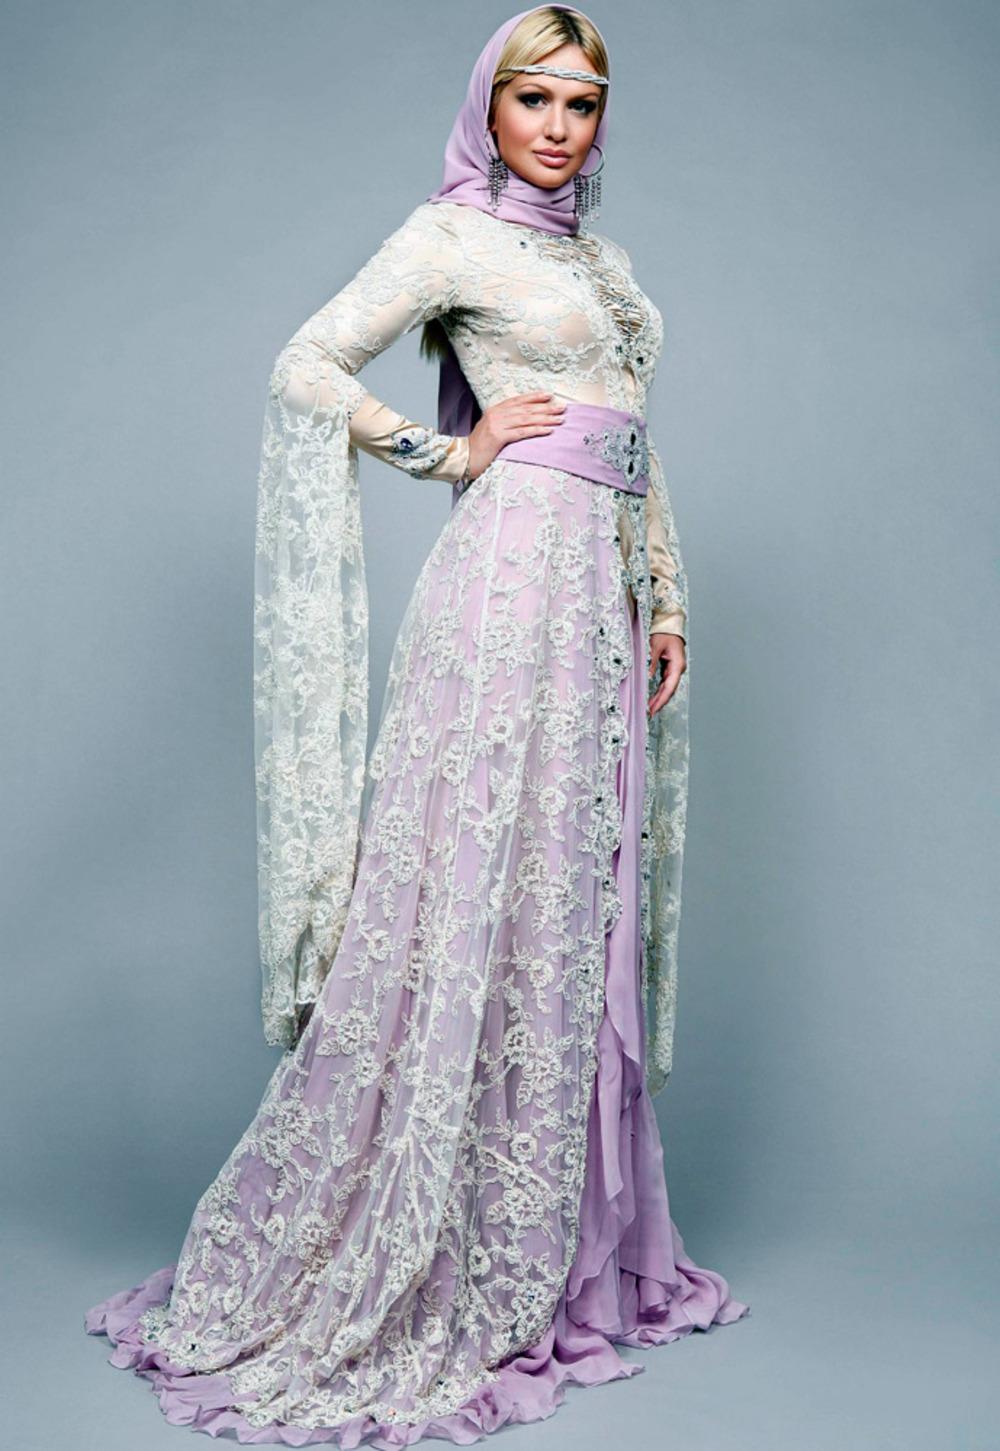 Чеченки в платьях фото 12 фотография